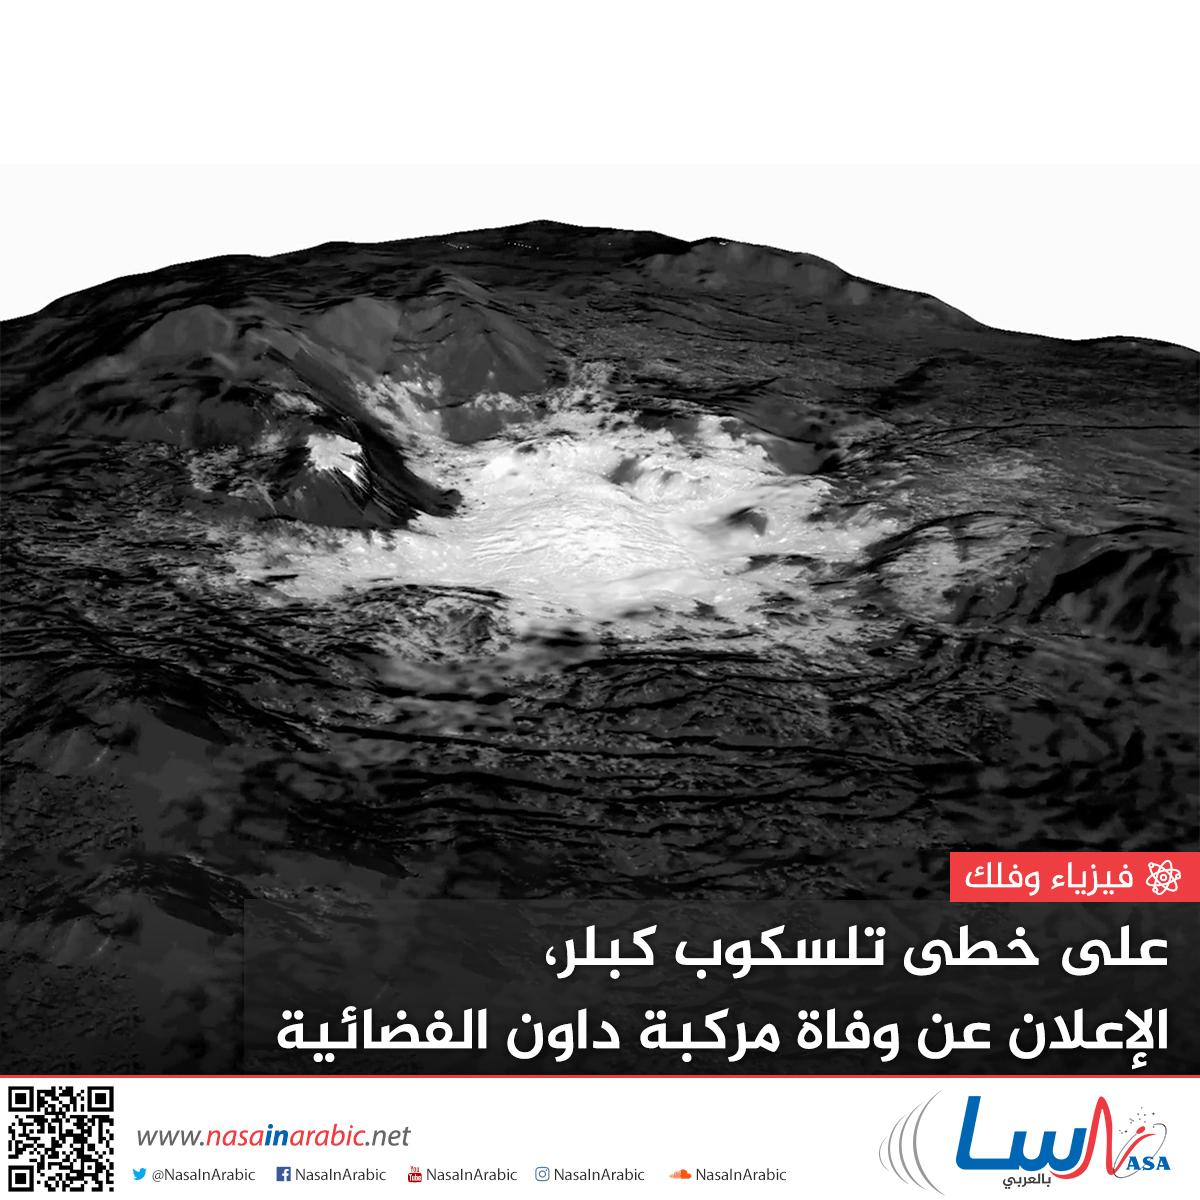 على خطى تلسكوب كبلر: الإعلان عن وفاة مركبة دون الفضائية